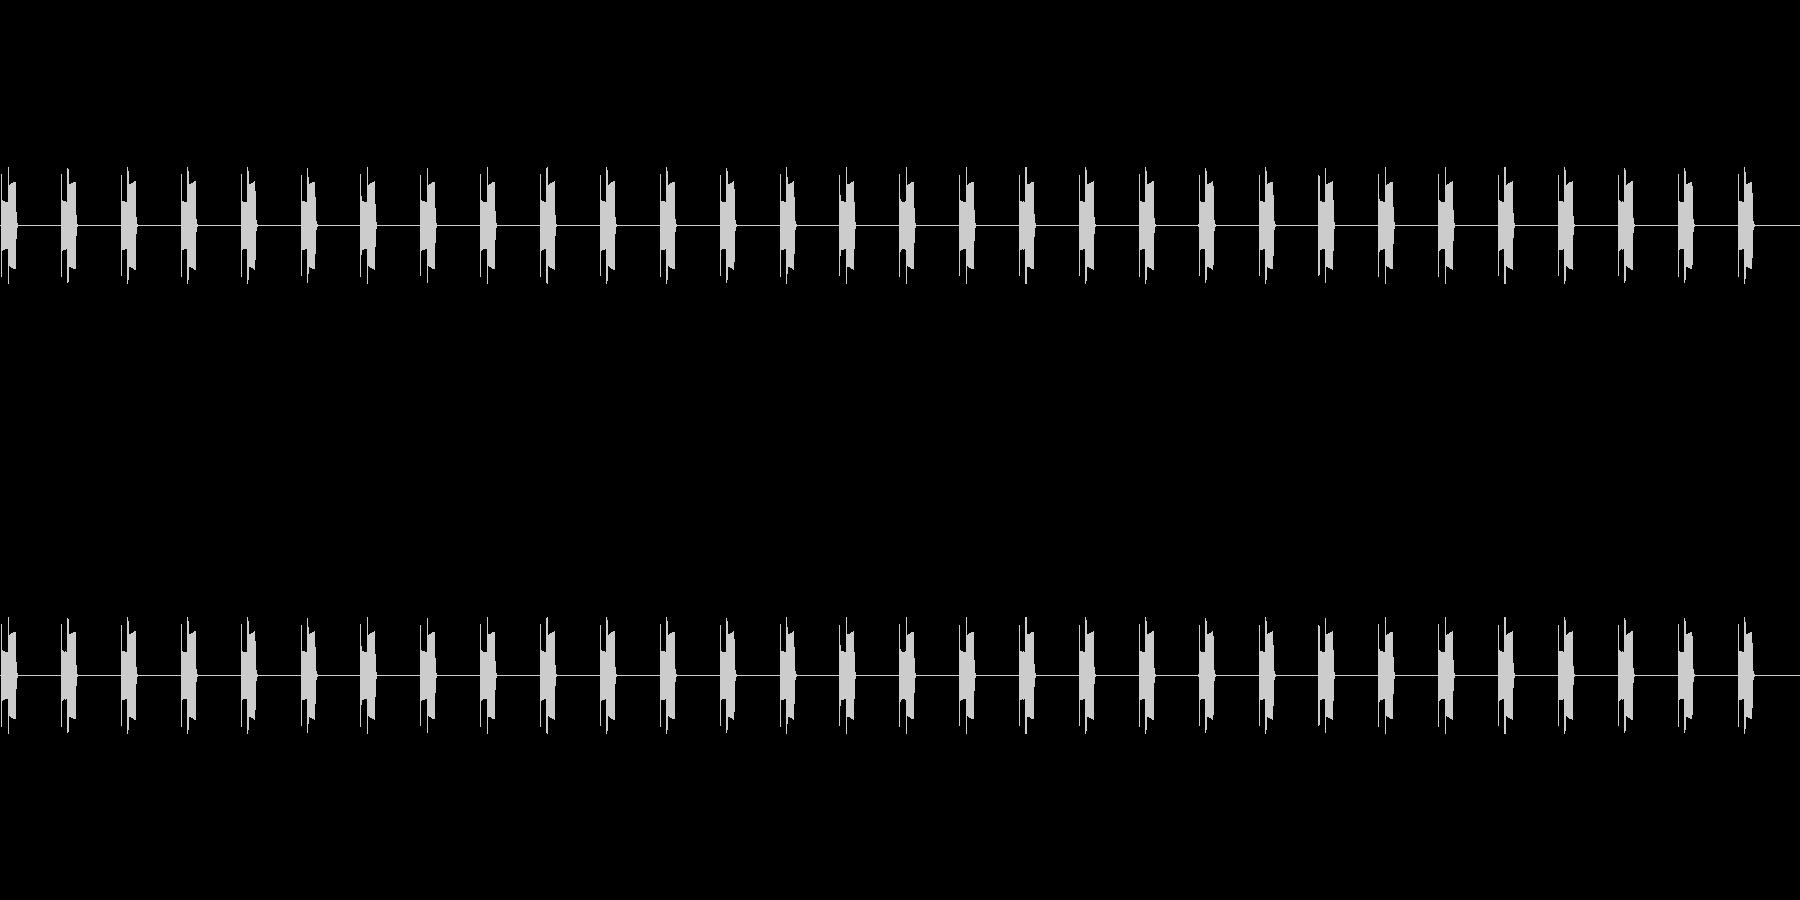 ピコ(電子音・30秒)の未再生の波形